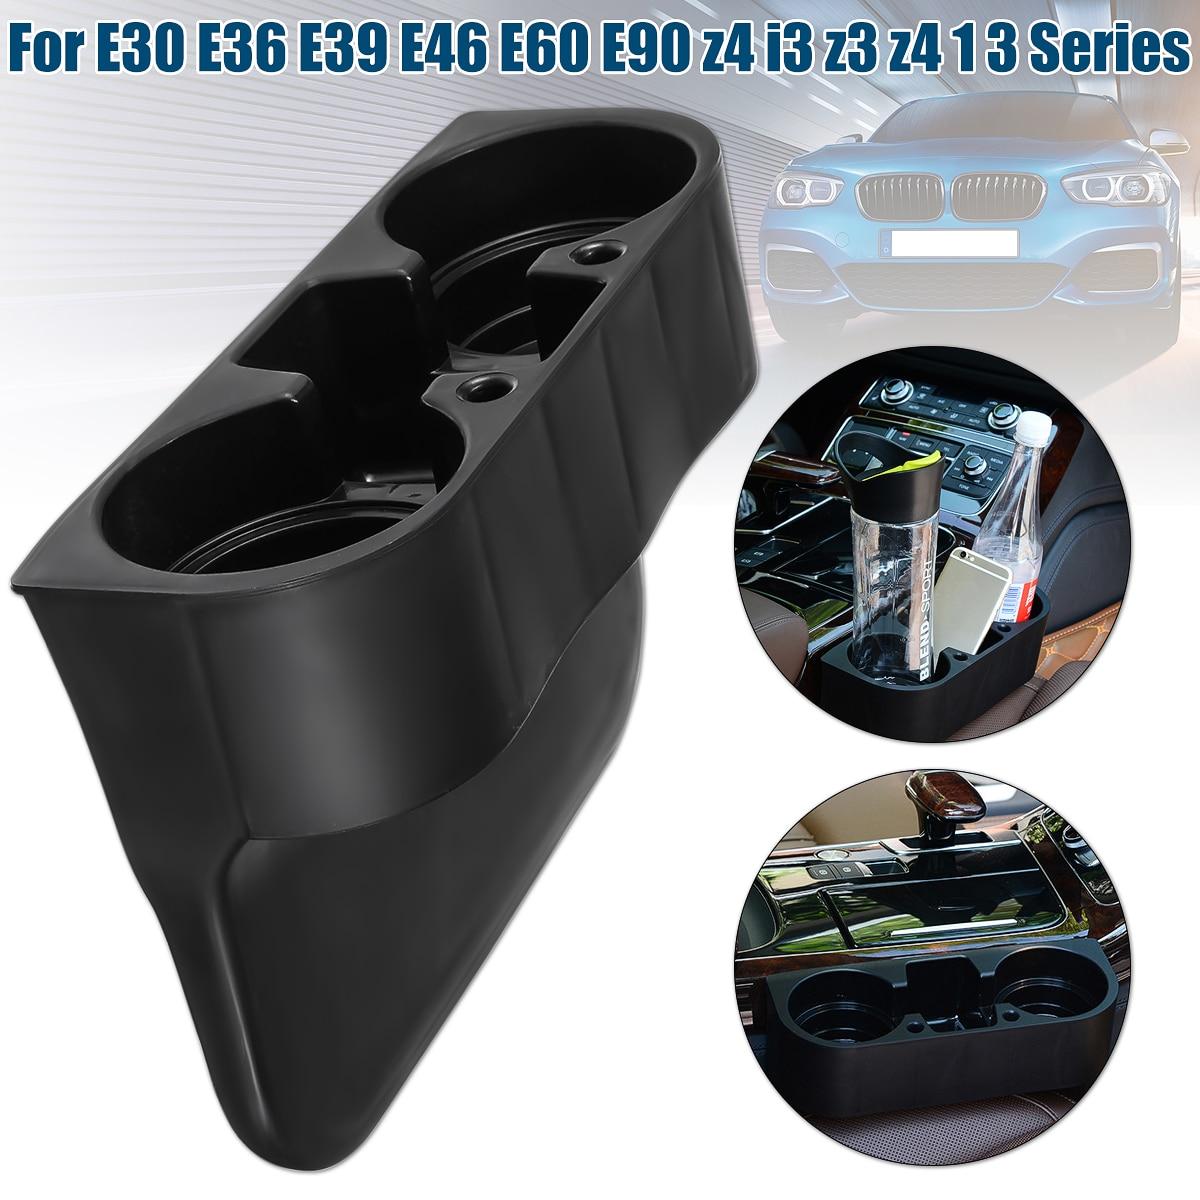 Para BMW e30 e39 e36 e46 e60 e90 z4 i3 z3 z4 1 3 Serie negro frente bebidas Copa coche frente centro de la consola taza Rack